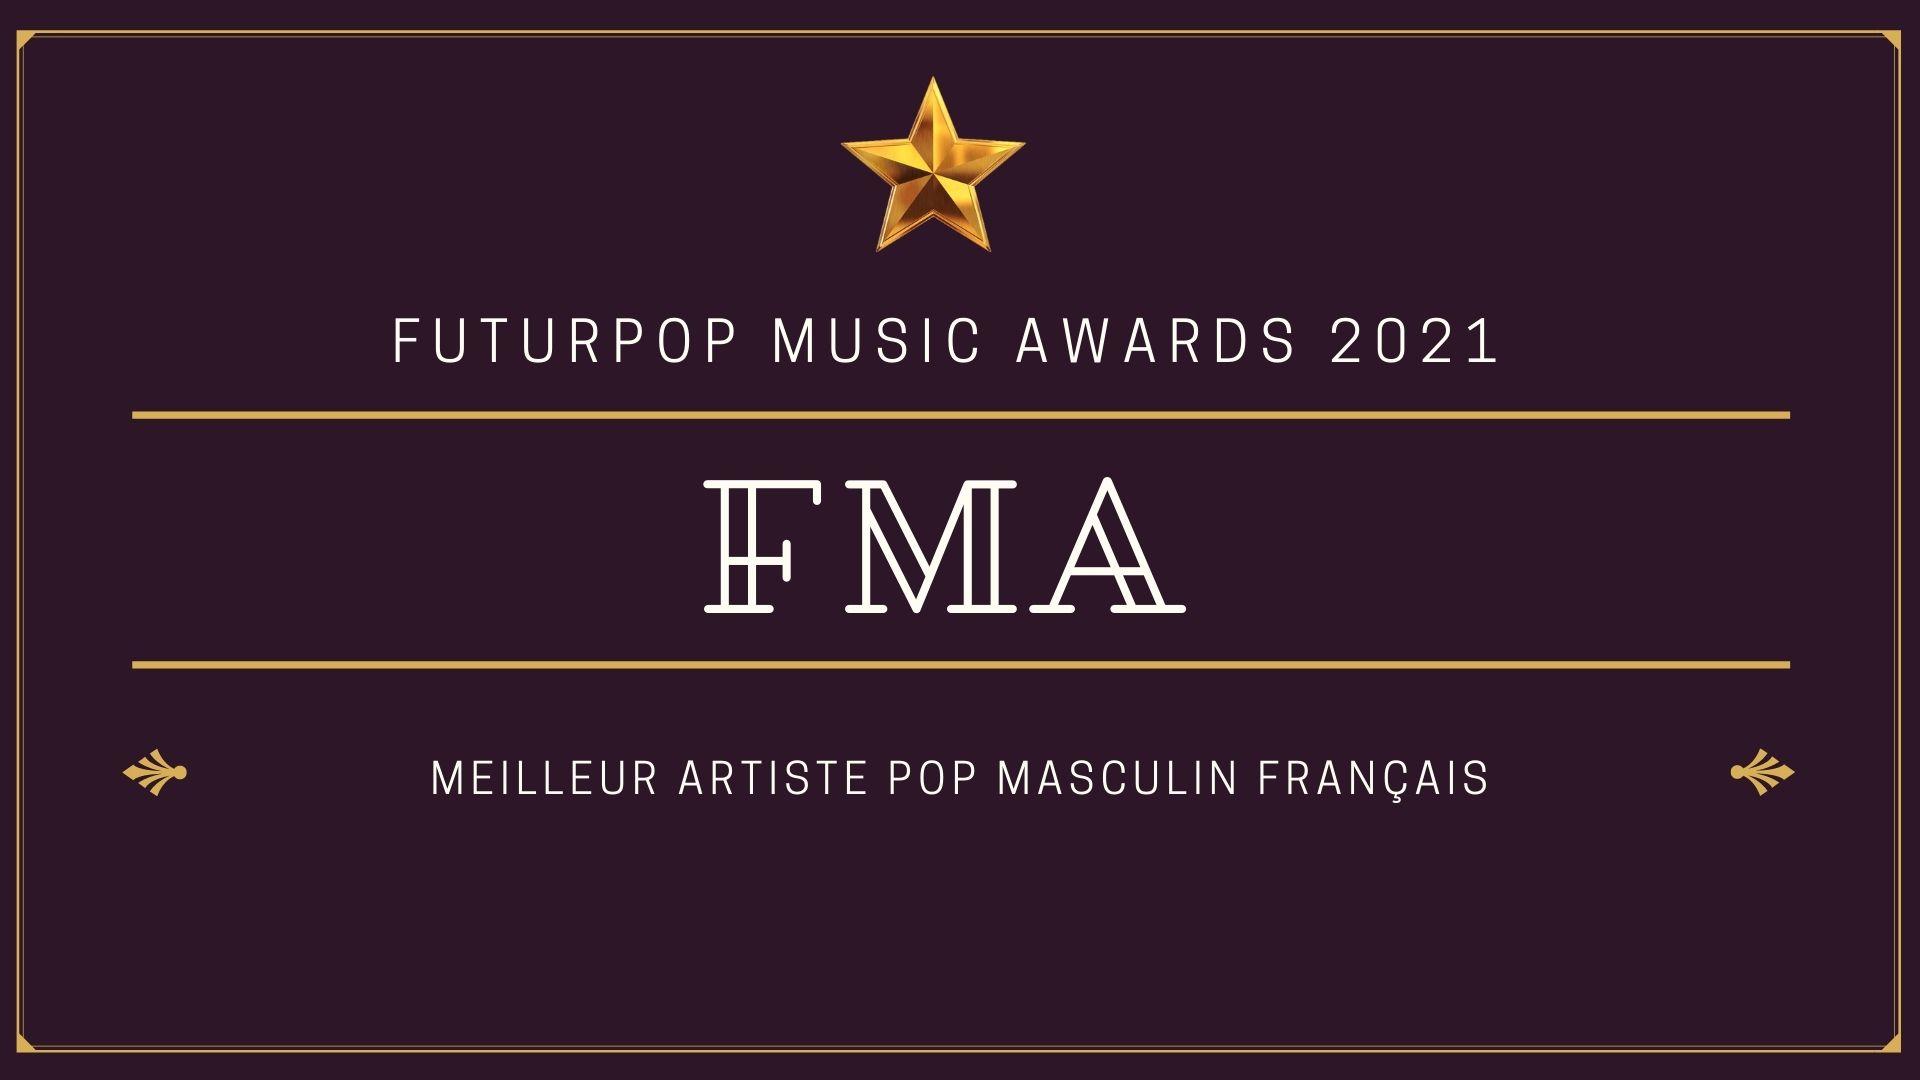 #FMA 2021 : Quel est le Meilleur Artiste Pop Masculin Français ?  Votez !